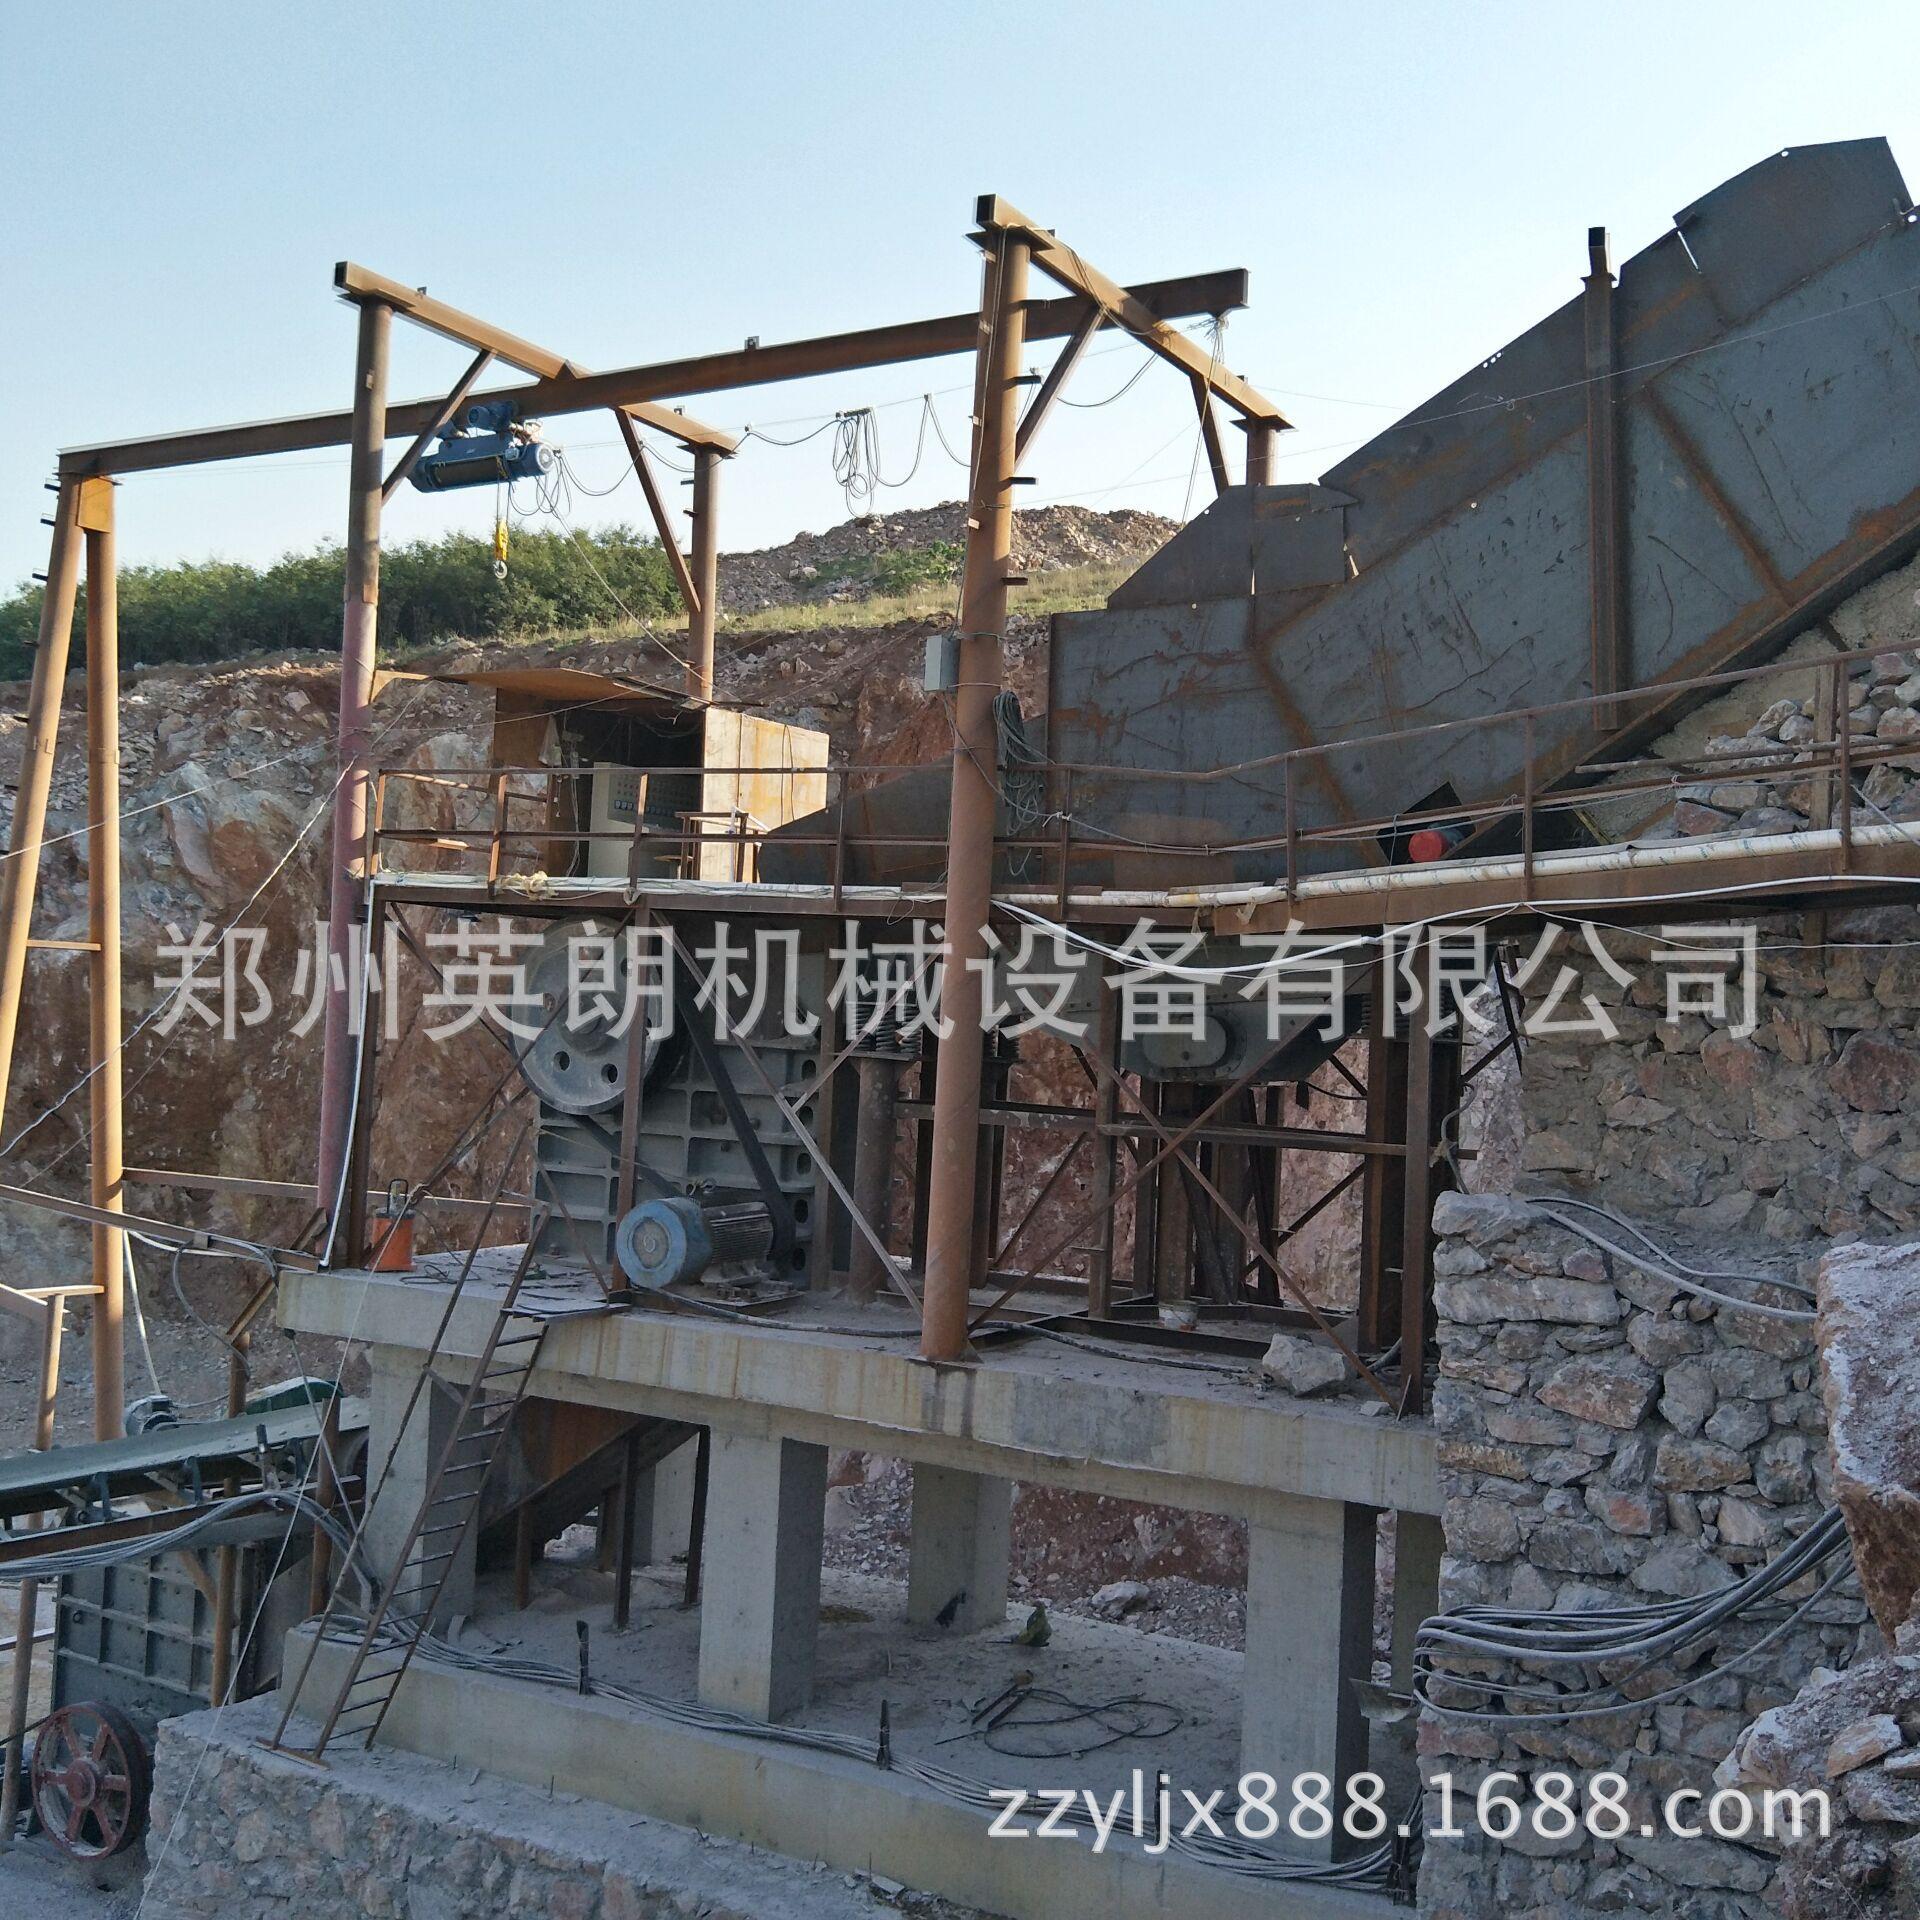 供应矿山石料开采破碎生产线 建筑青石子破碎线 鹅卵石制沙生产线示例图10